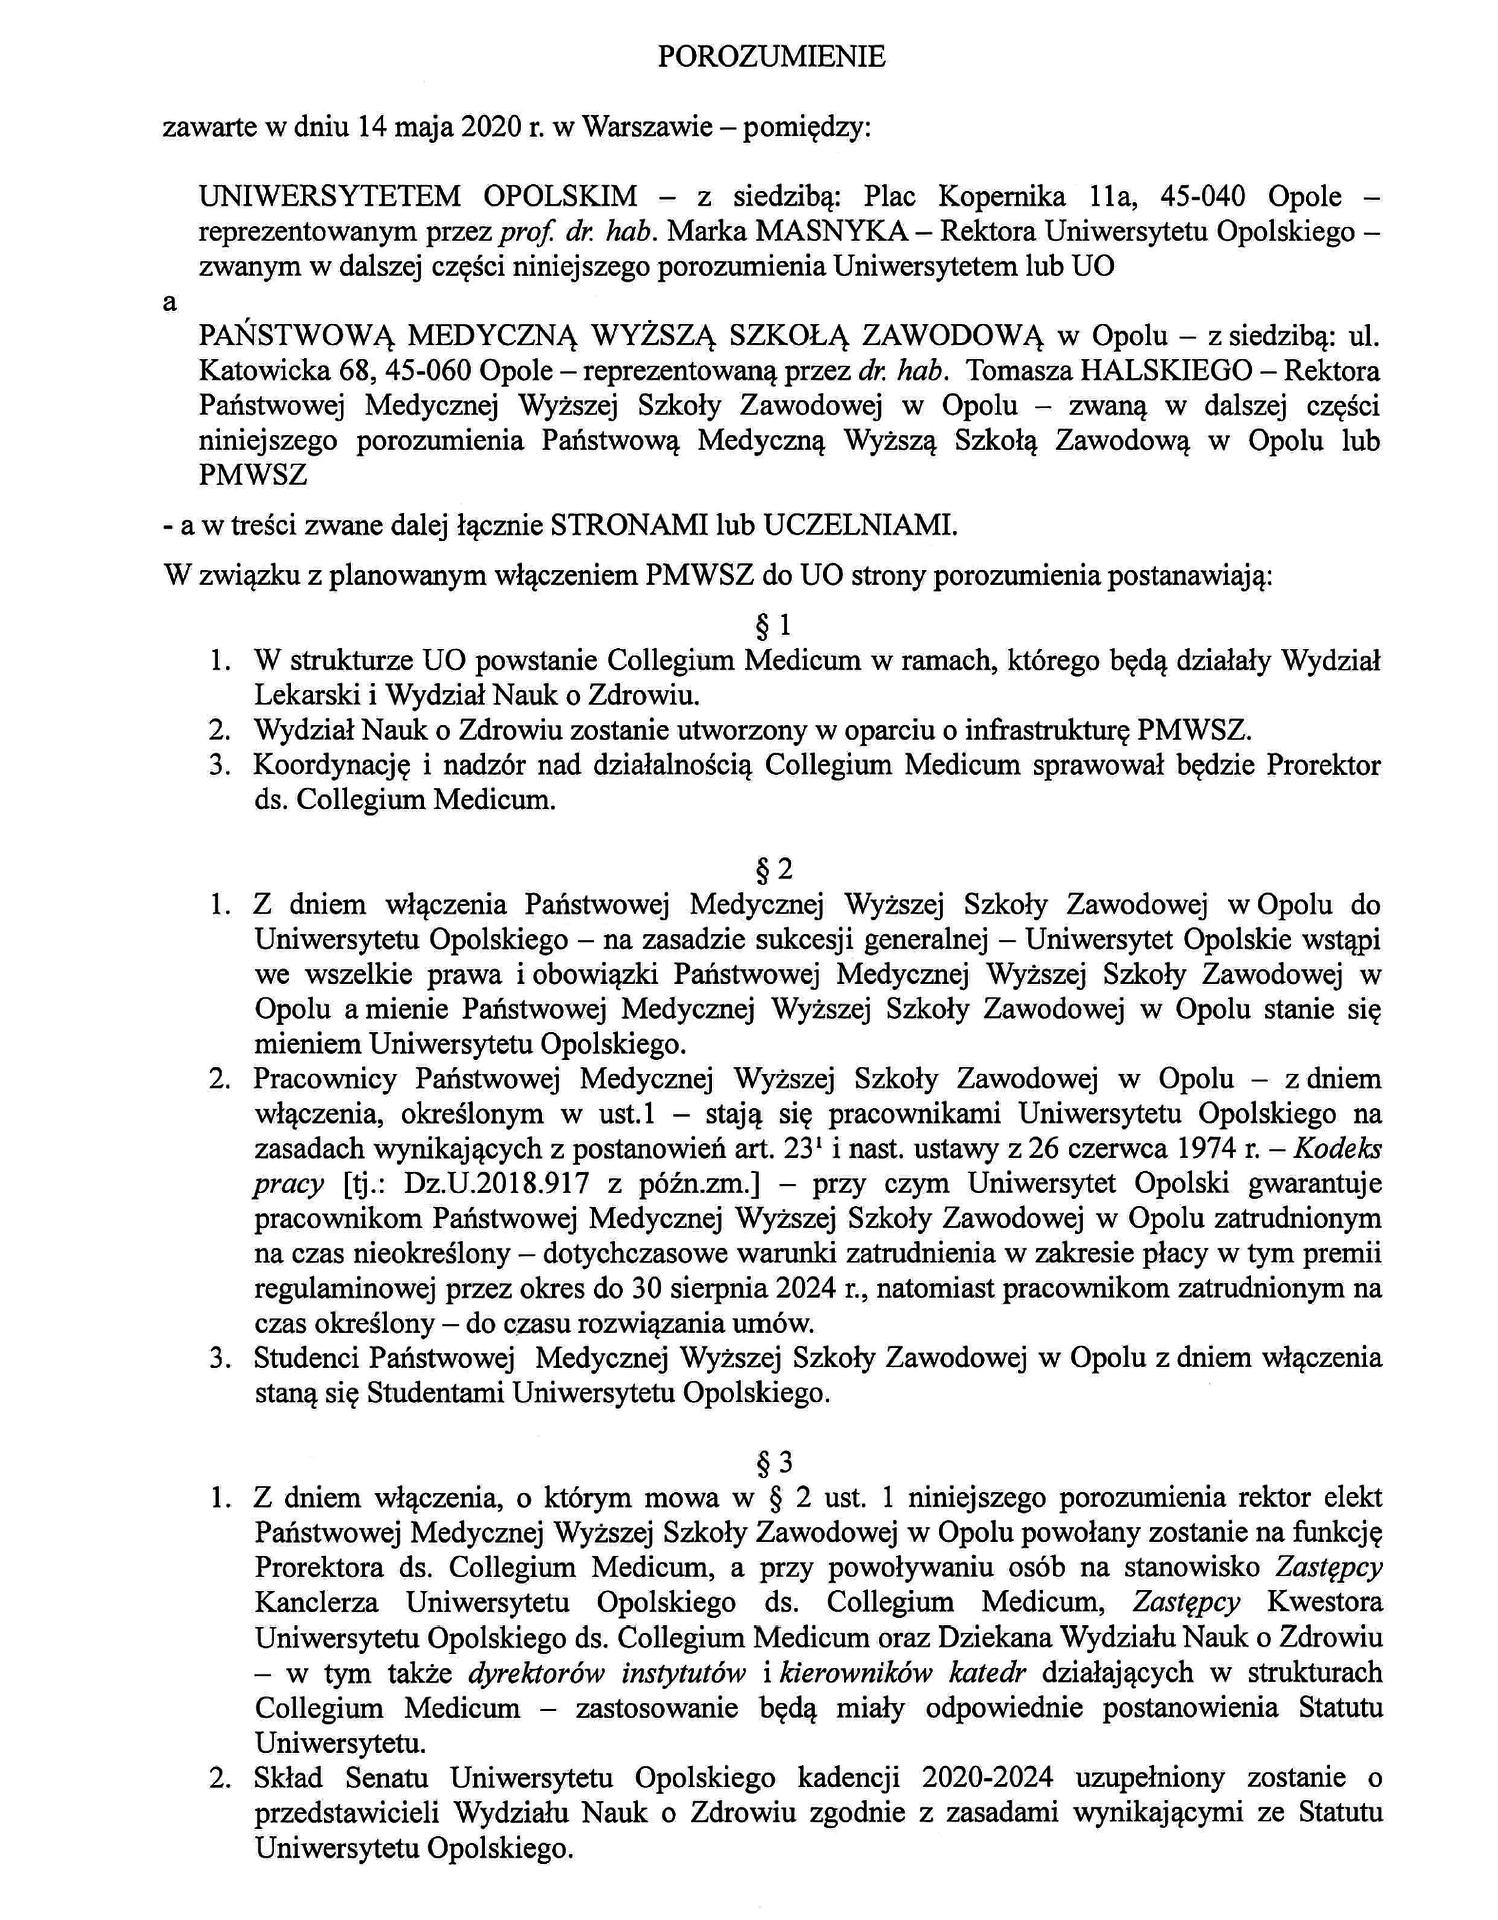 Porozumienie UO & PMWSZ w Opolu Cz. 1